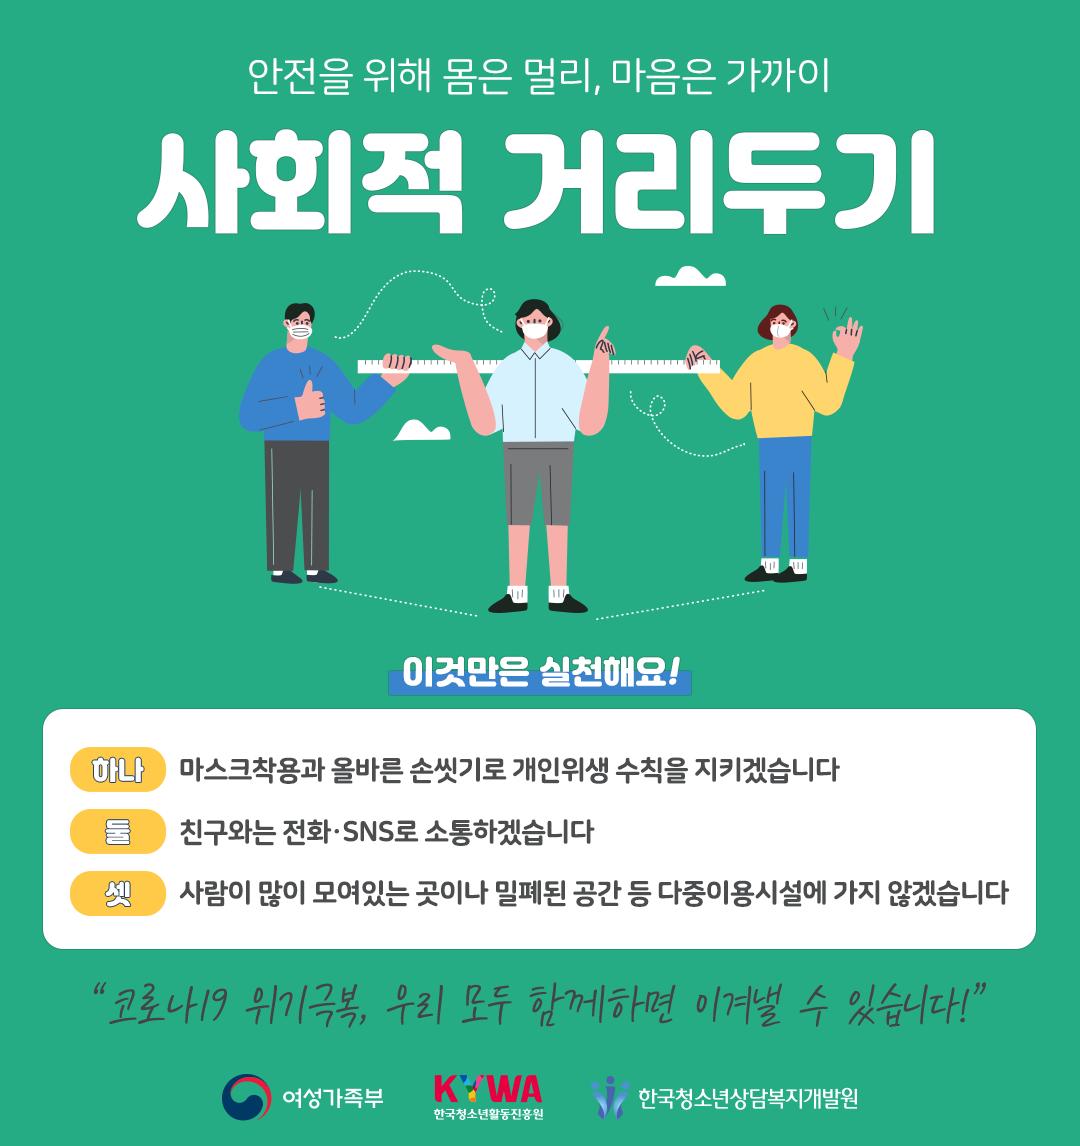 (최종) 사회적거리두기 홍보 포스터.png